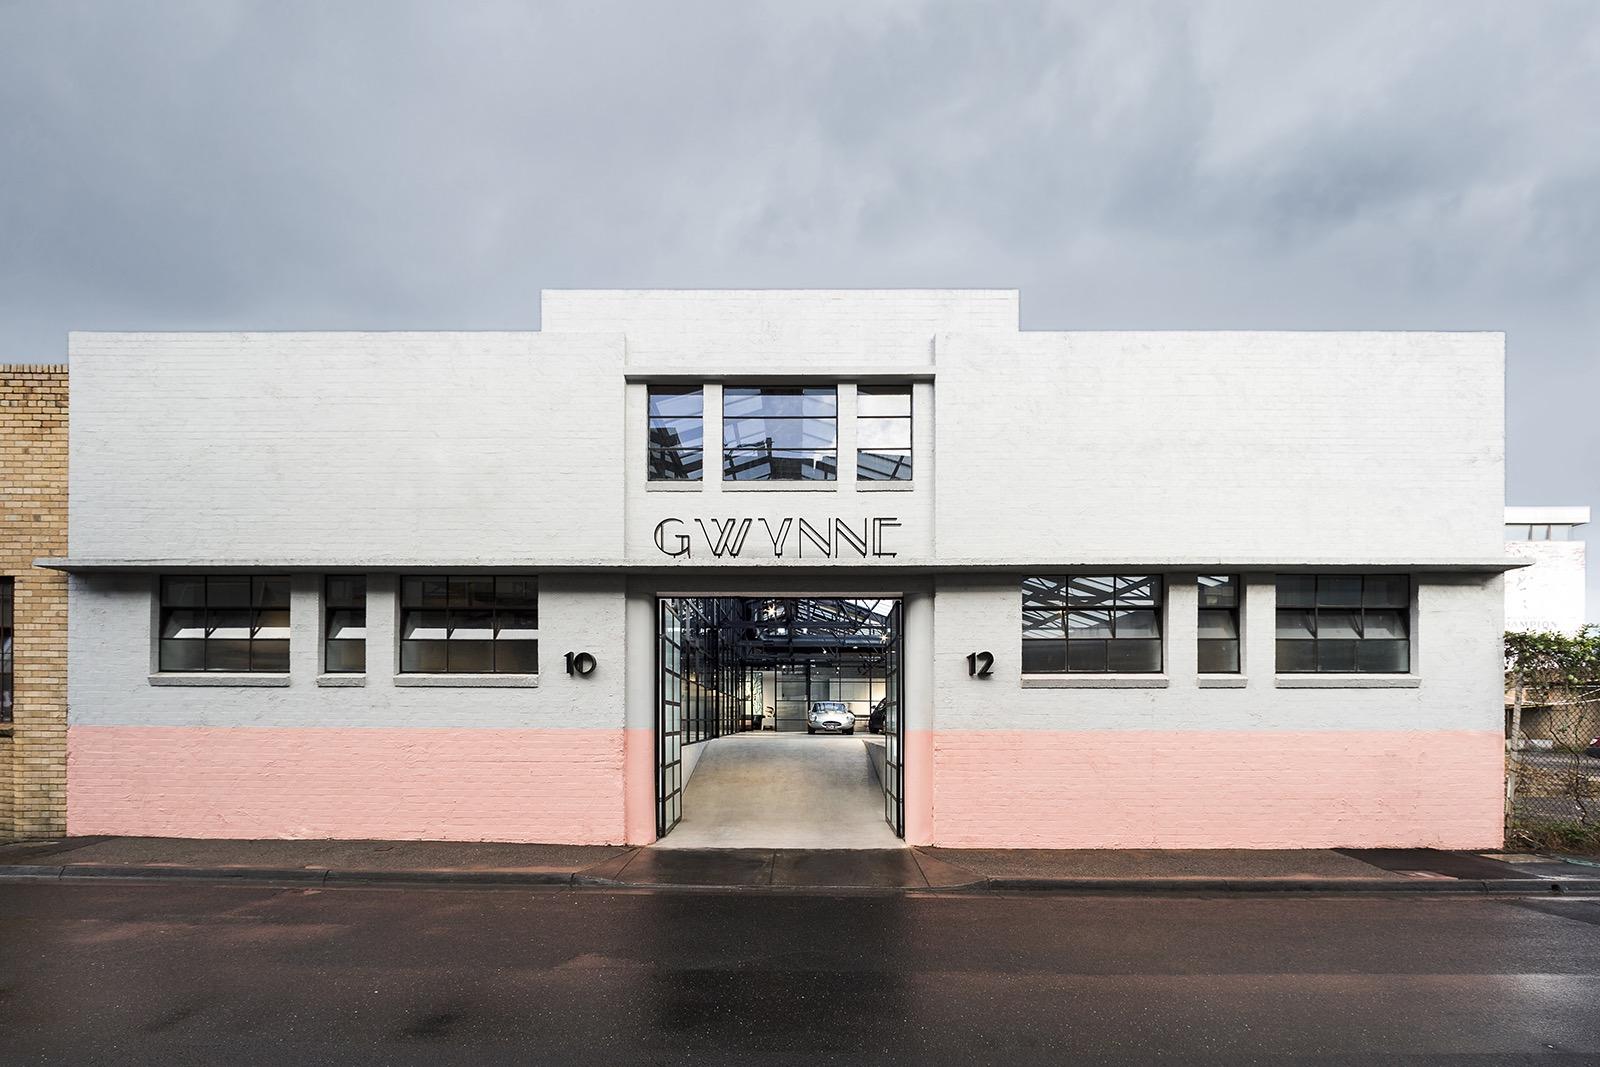 gwynne-st-melbourne-10